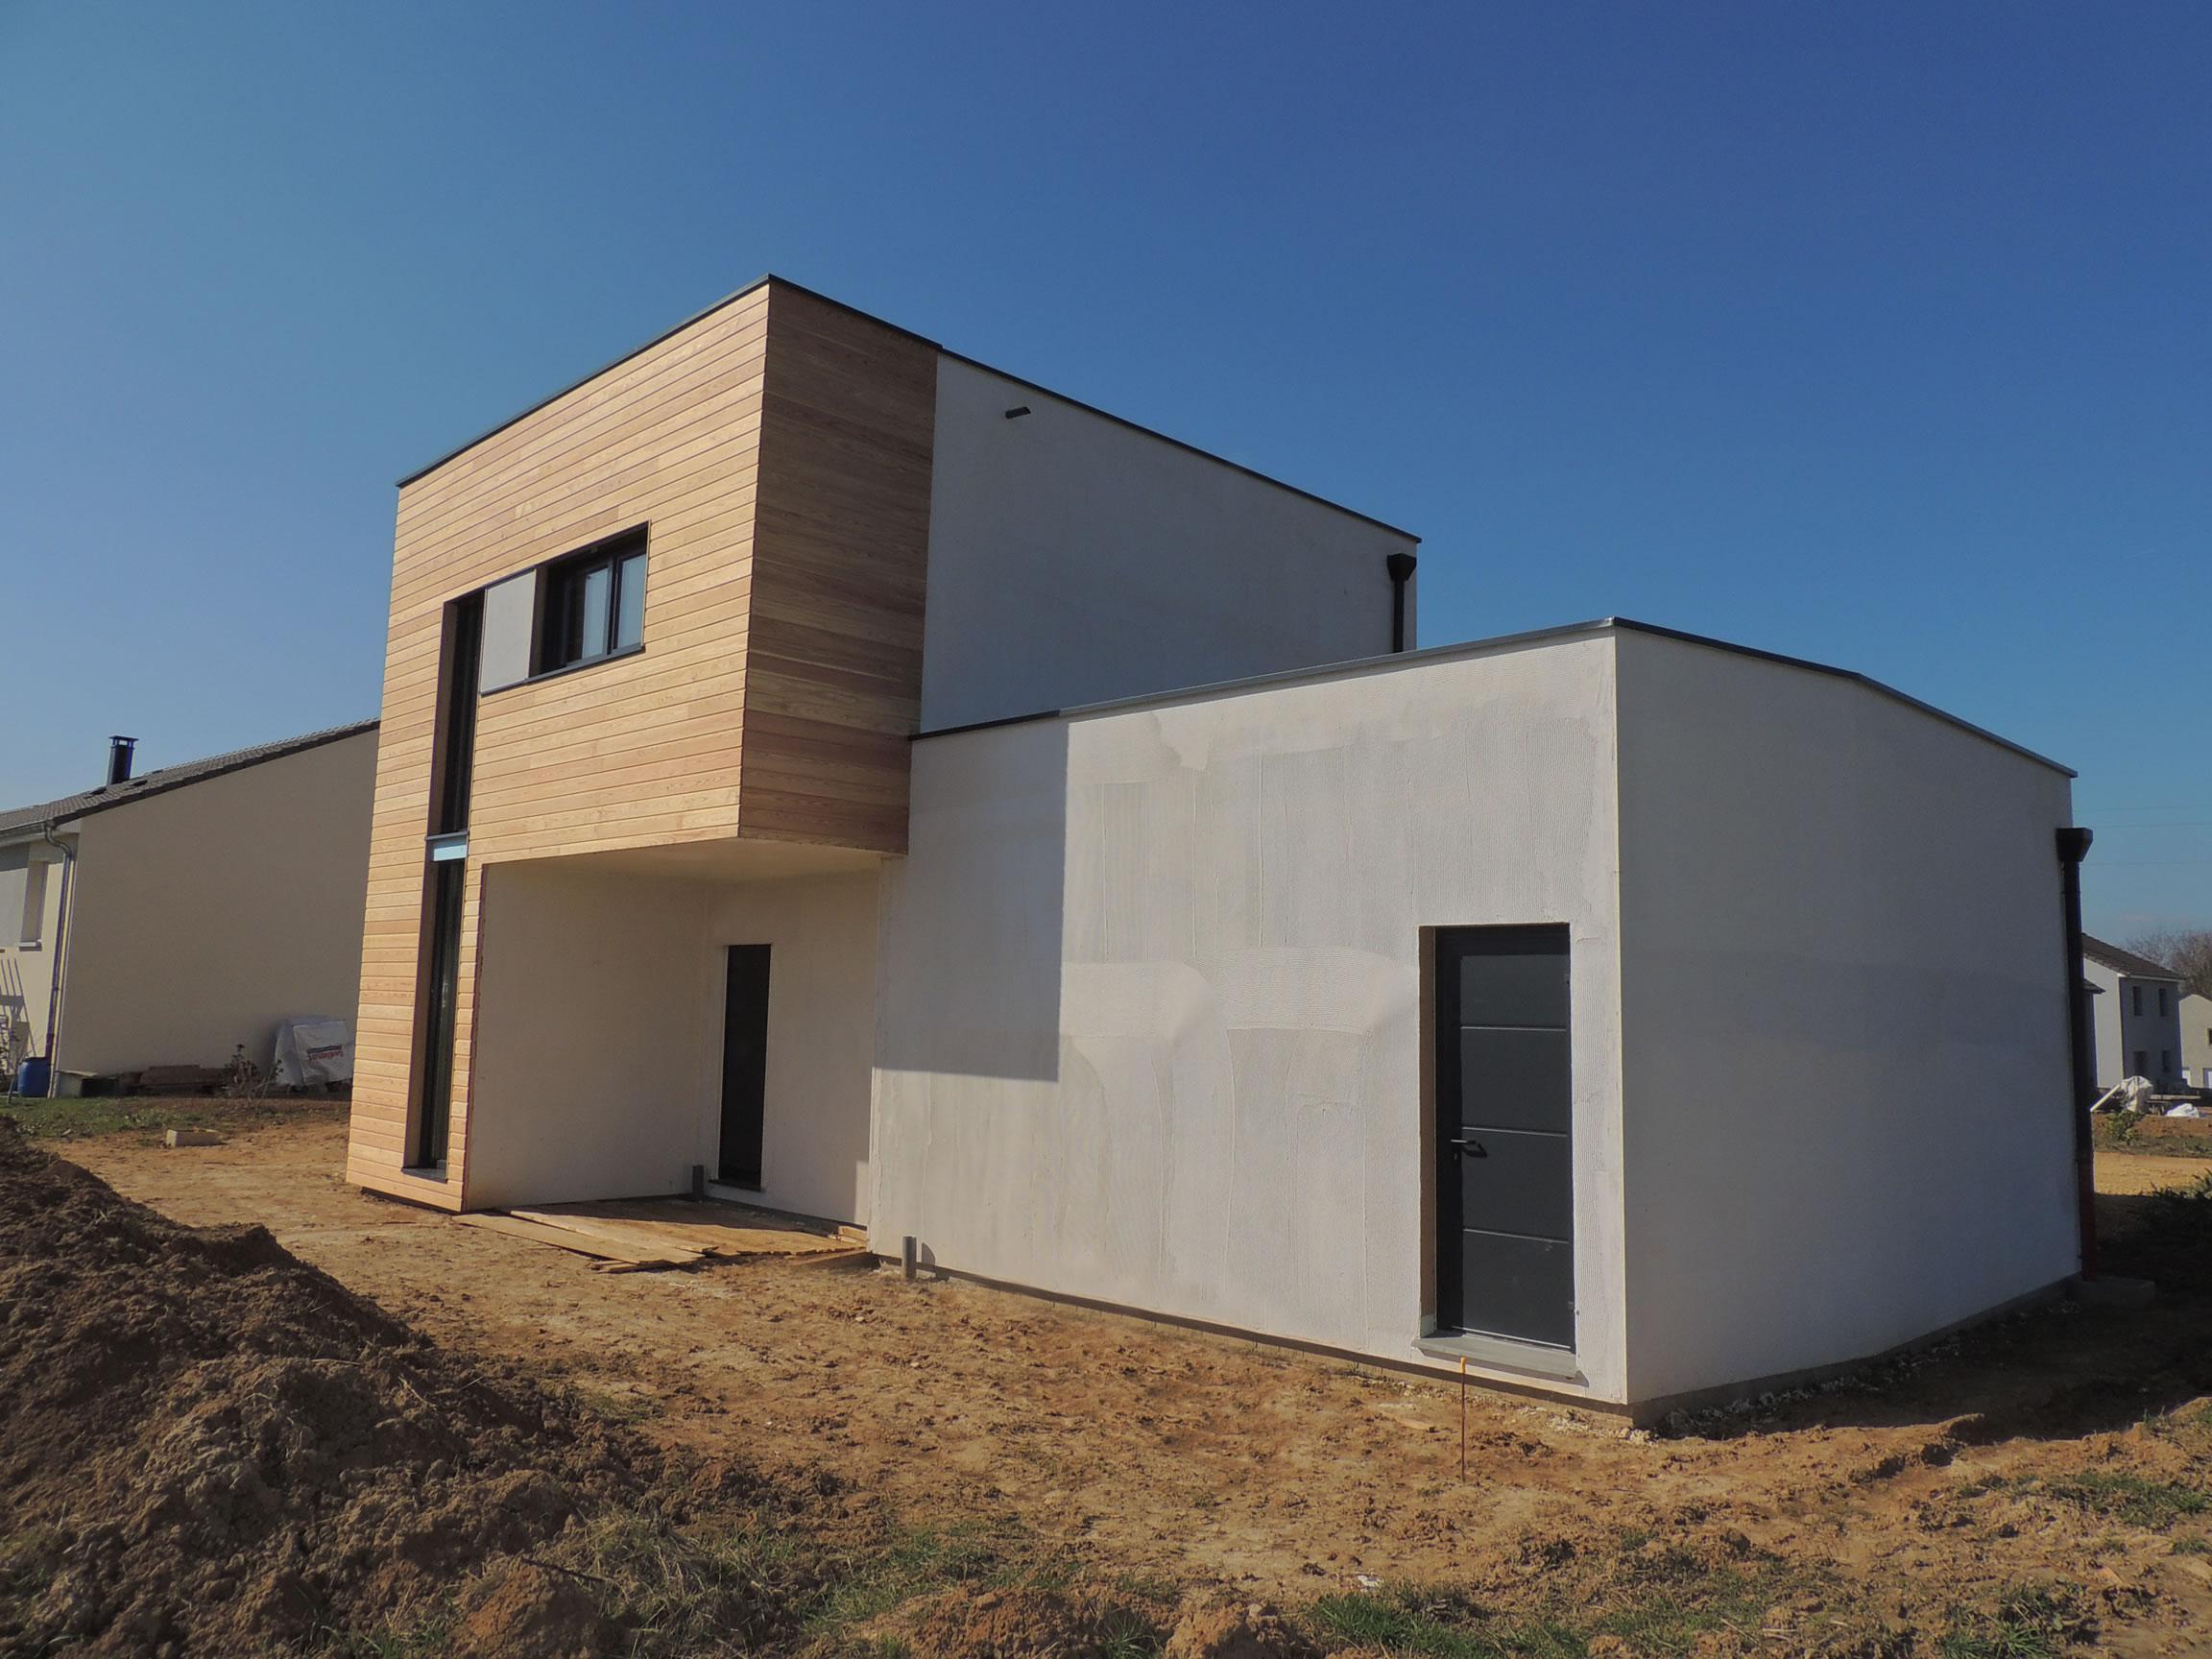 Petite hettange r 1 145m2 maison ossature bois for Construction petite maison